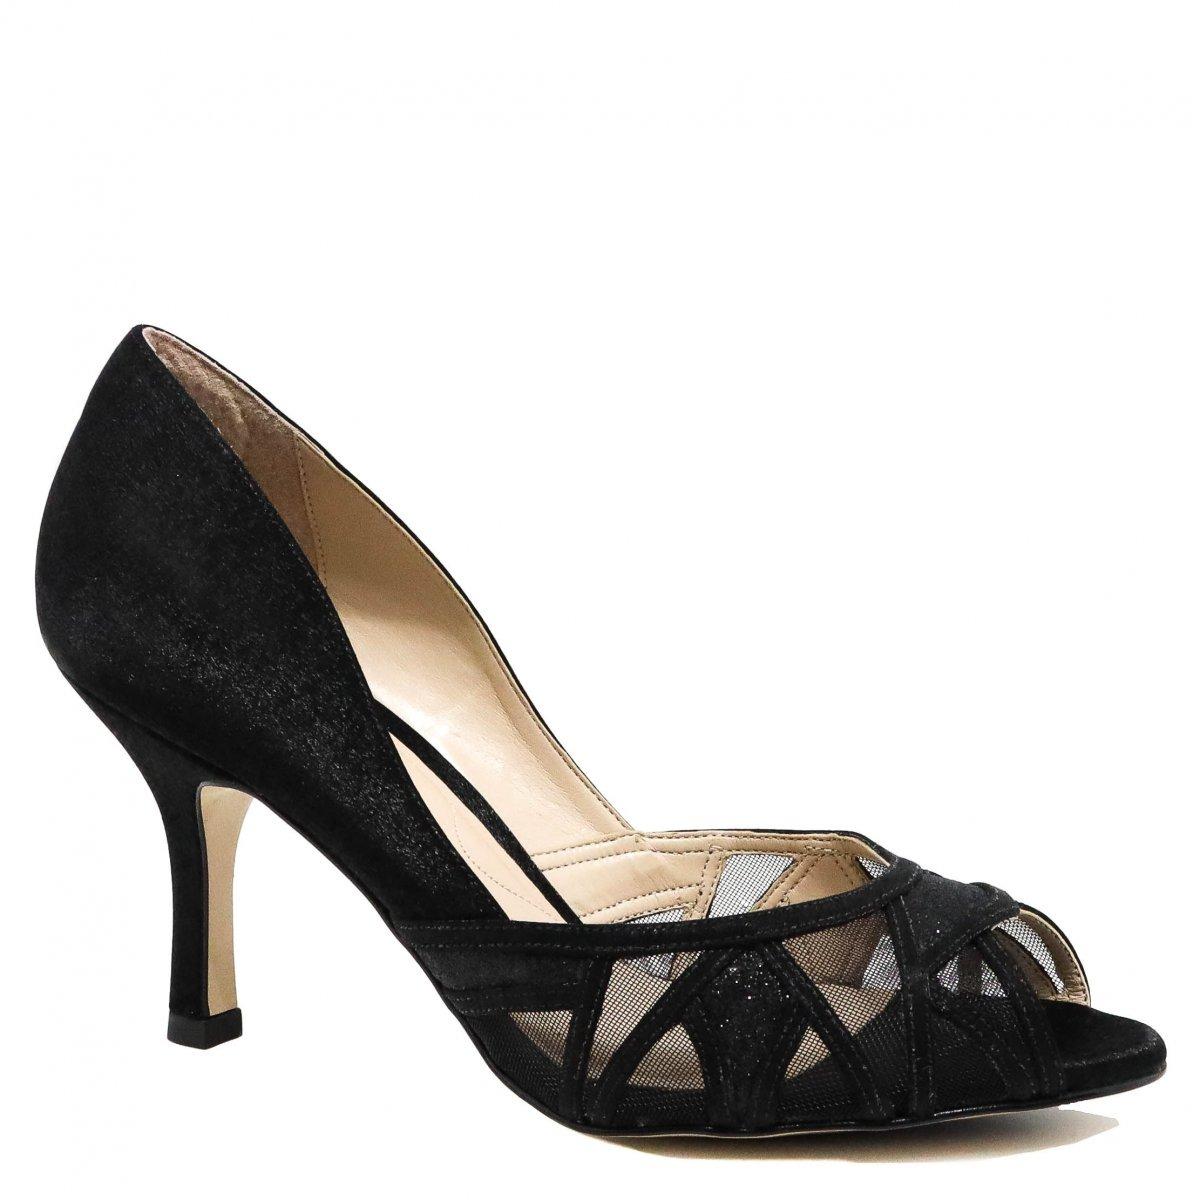 e2e8672d5b sapato feminino laura porto peep toe salto fino preto rl7551. Carregando  zoom.